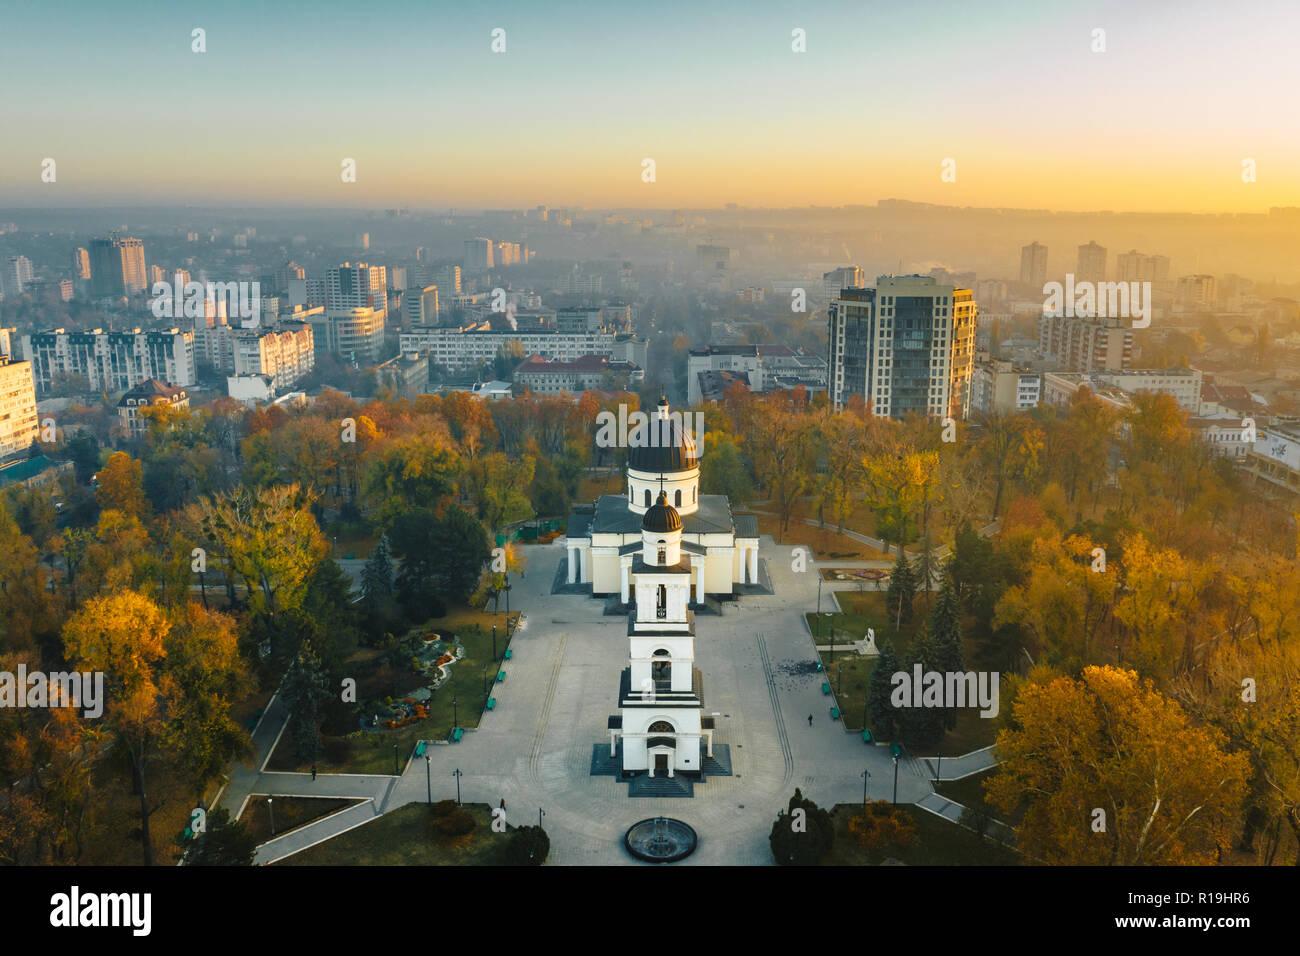 Chisinau, Republic of Moldova city centre - Stock Image